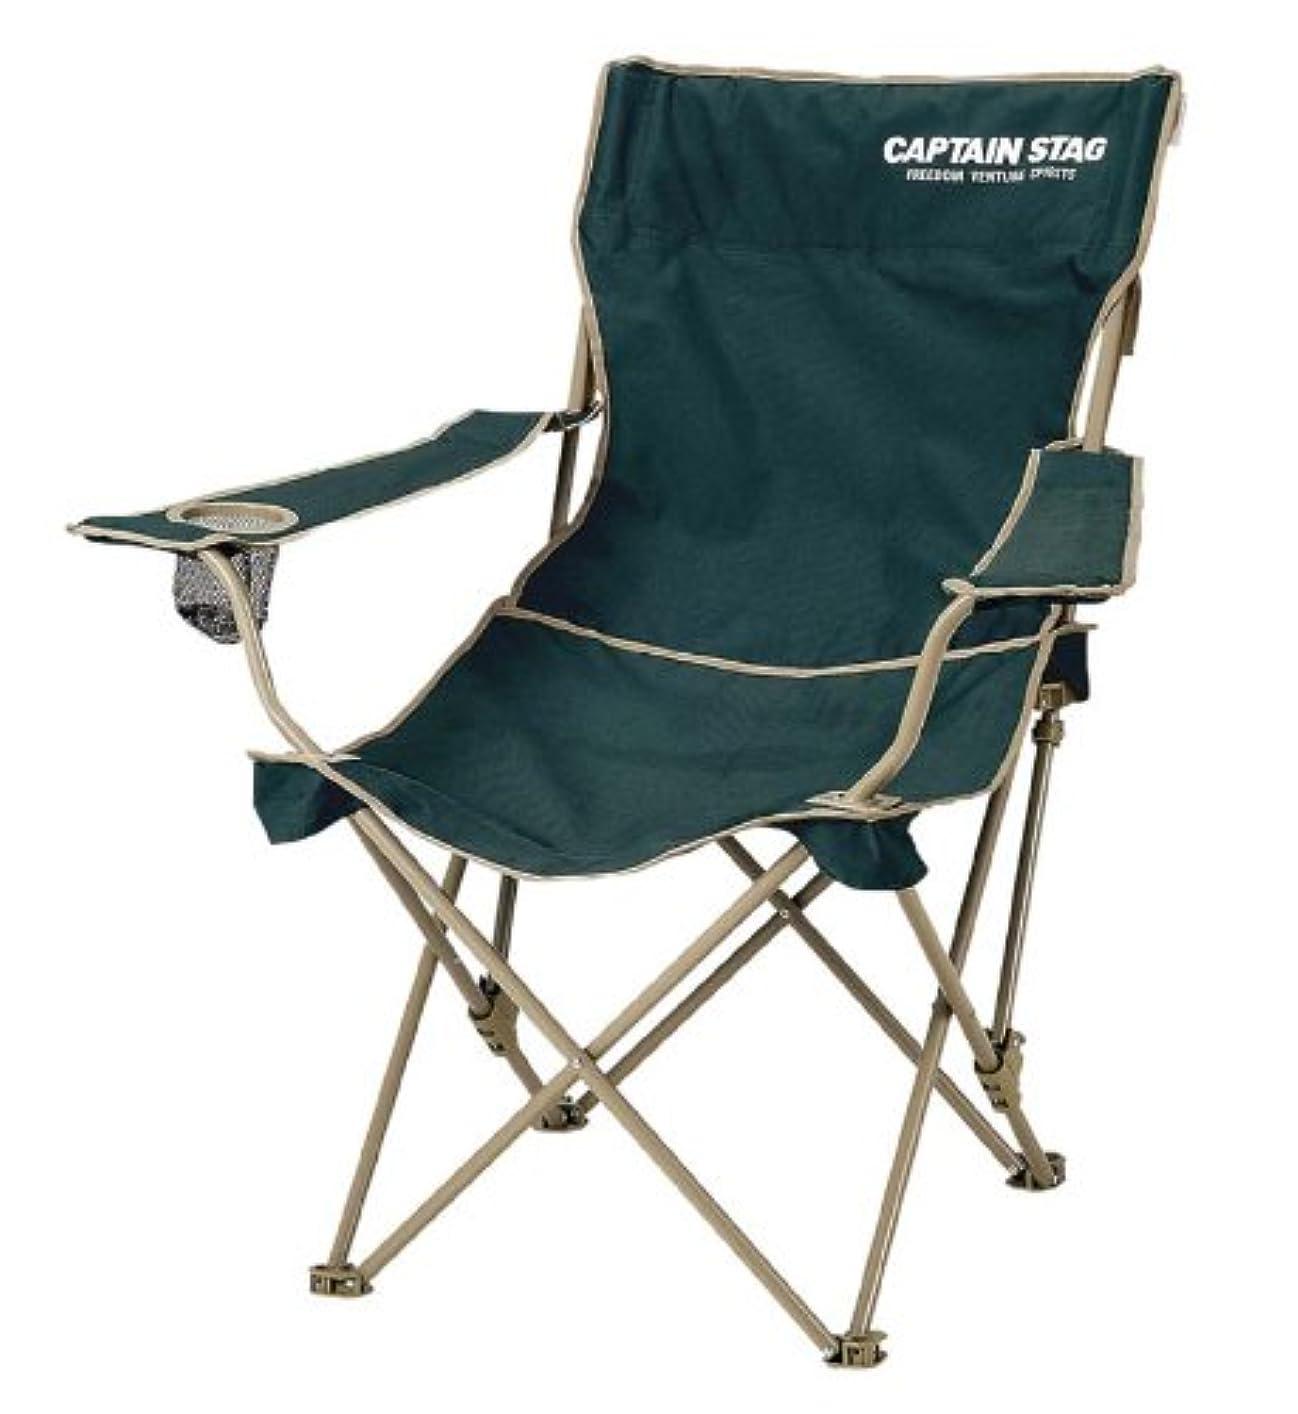 蓄積するゴミ箱を空にする採用キャプテンスタッグ キャンプ用品 椅子 チェア CS リクライニングラウンジ グリーンM-3885